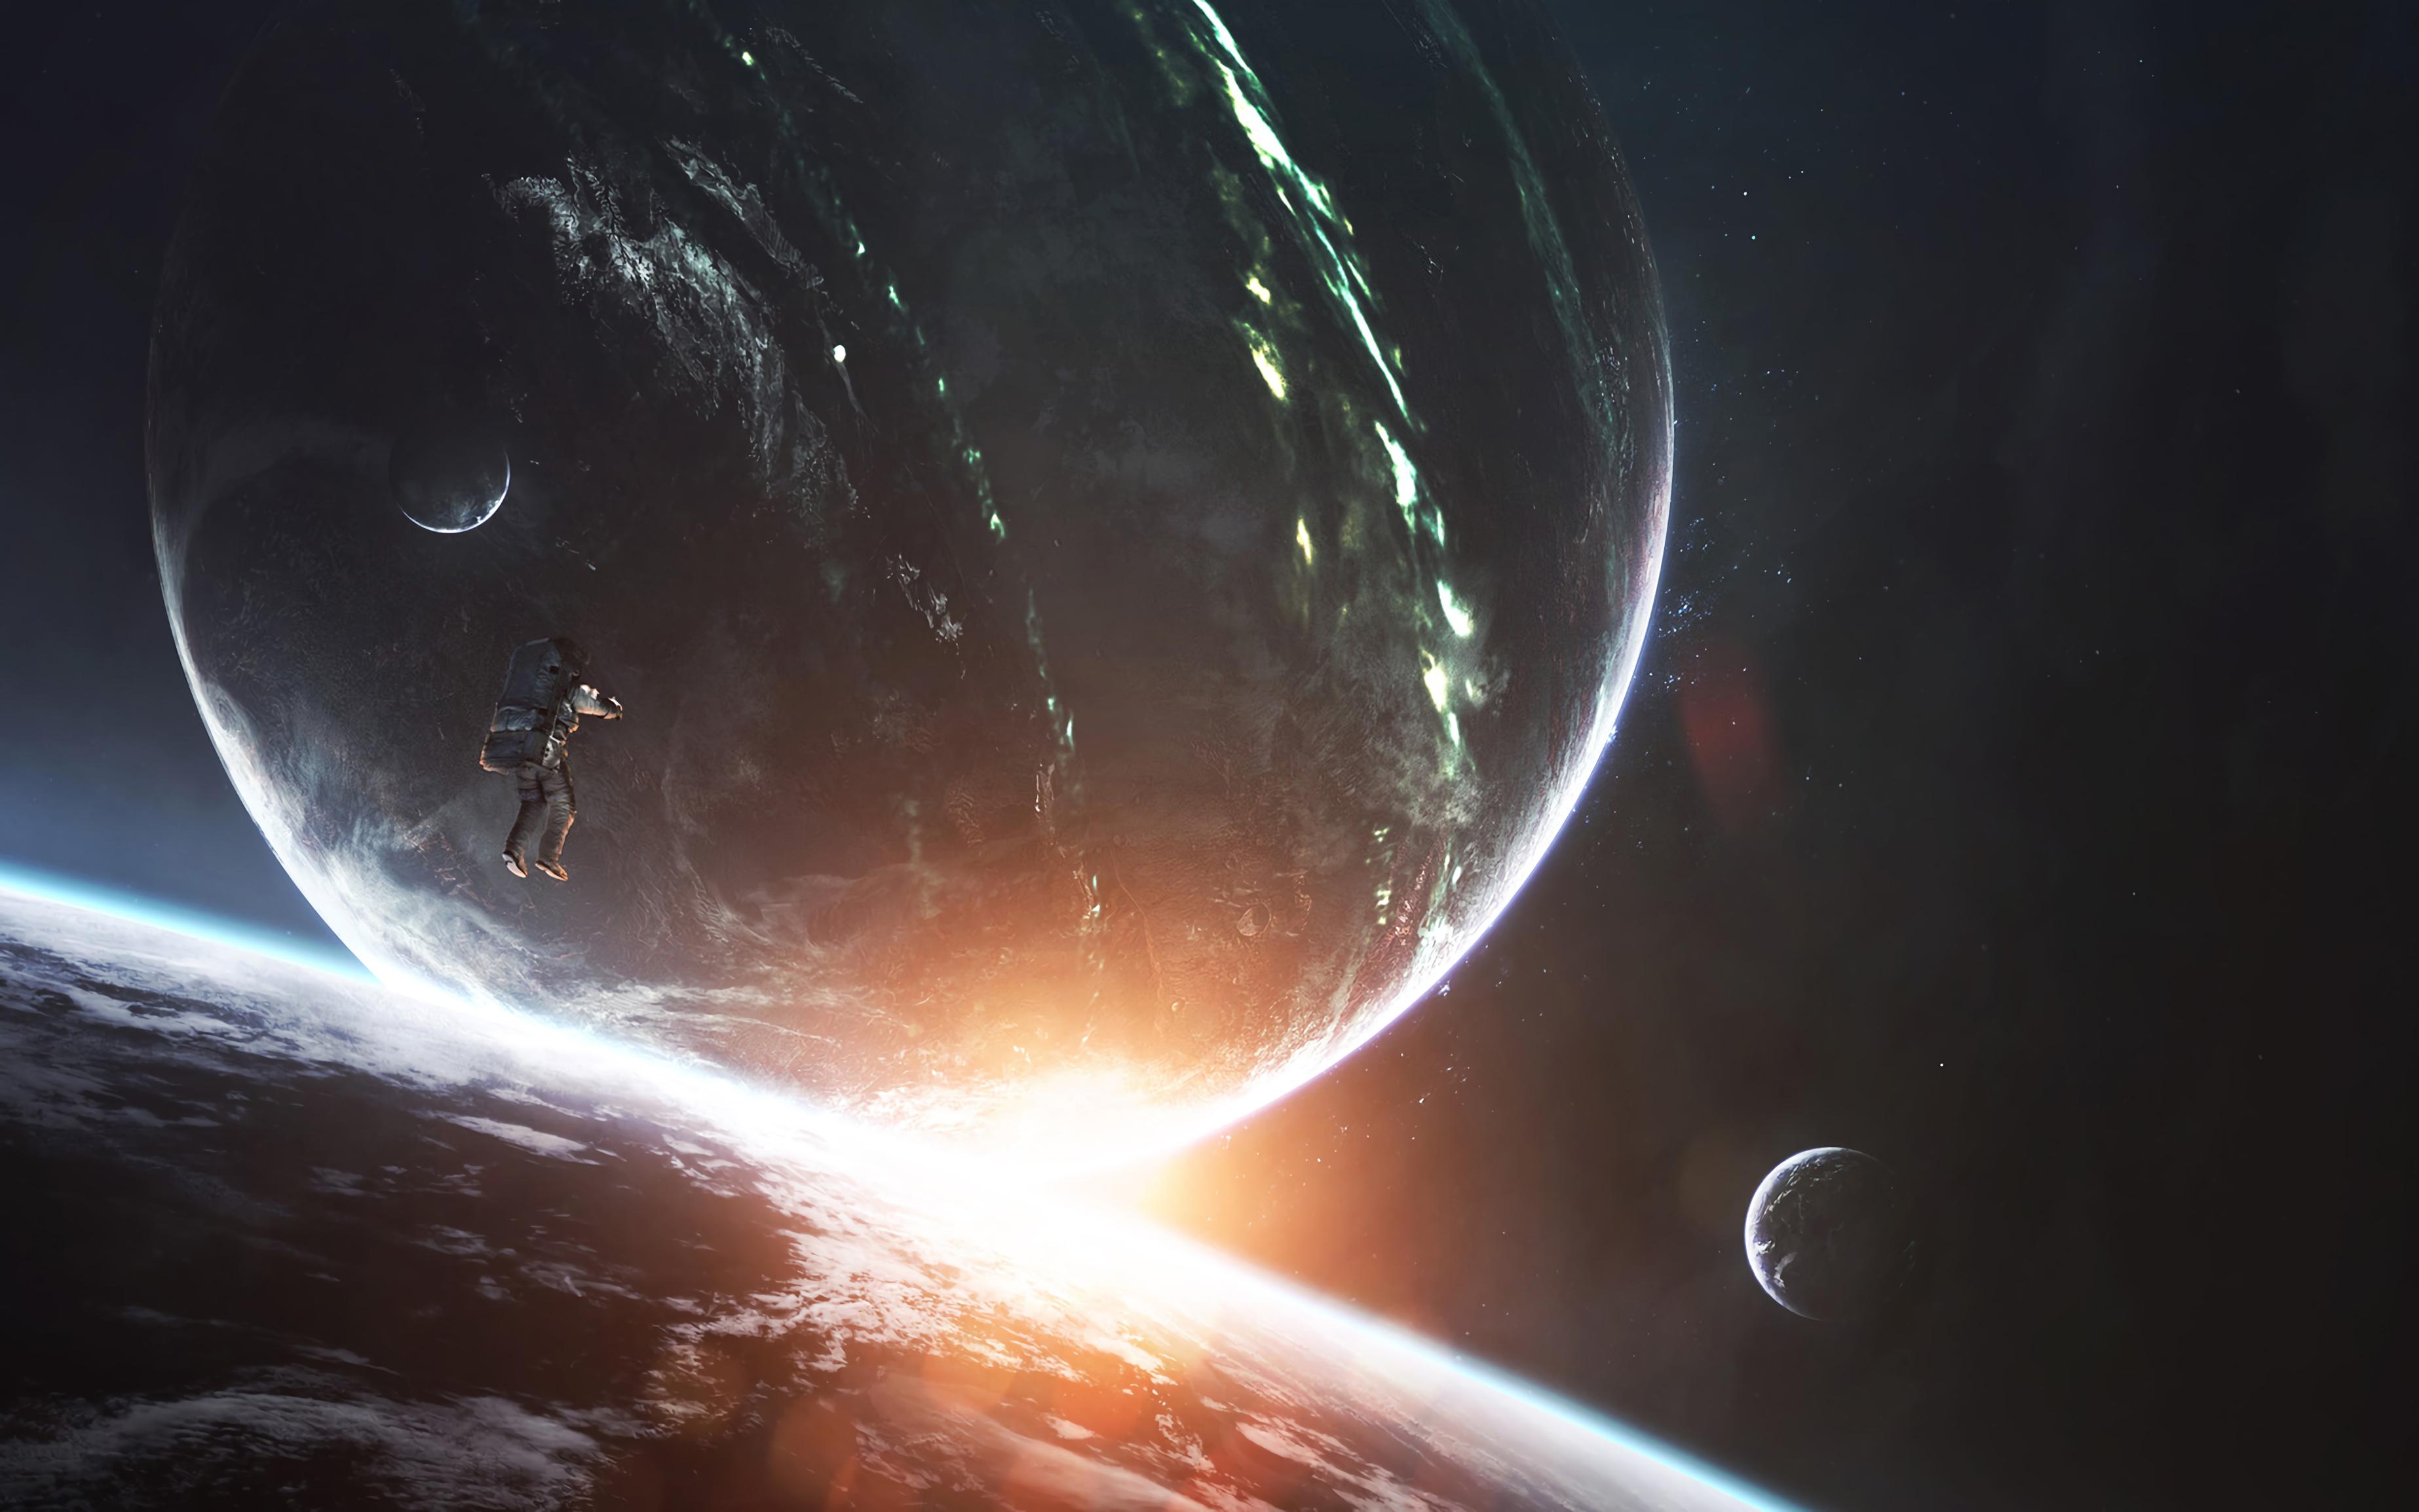 155896 fond d'écran 1080x2400 sur votre téléphone gratuitement, téléchargez des images Planètes, Univers, Éclat, Brillant, Flash, Cosmonaute, Espace Ouvert 1080x2400 sur votre mobile